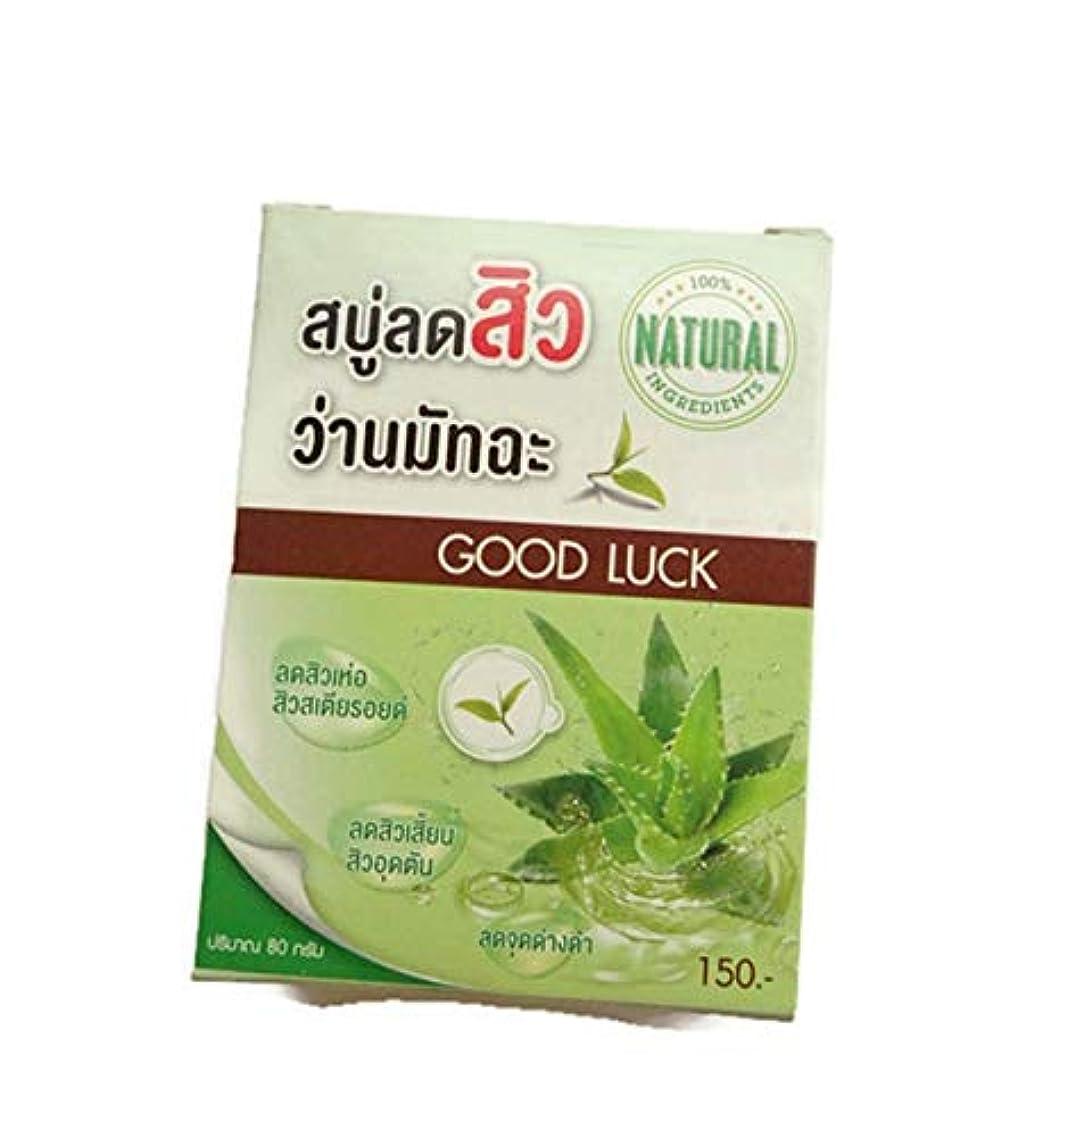 復活嫌な古いAloe vela Green Tea Vitamin C&E Coconut oil Acne Soap 80 grams.